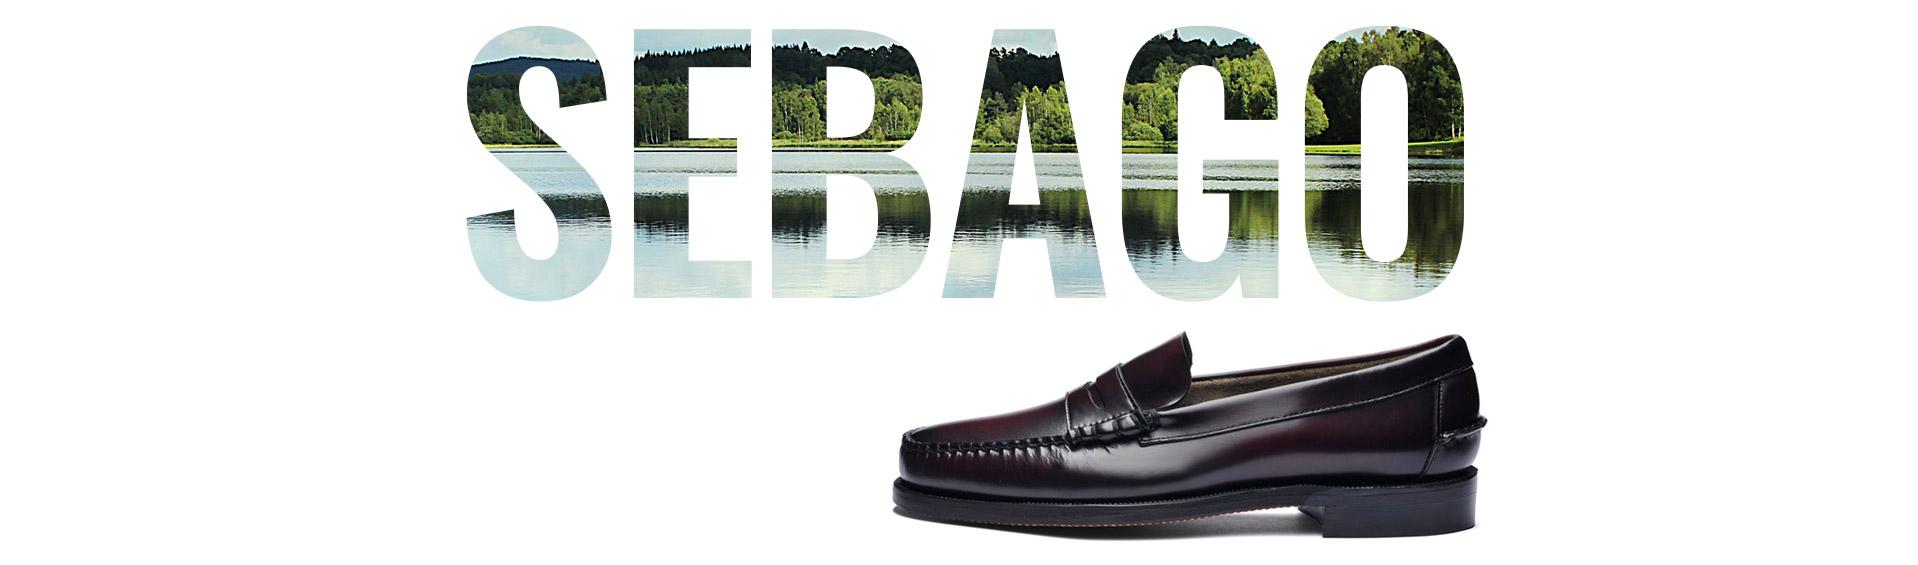 Sebago-uomo-scarpelli-calzature